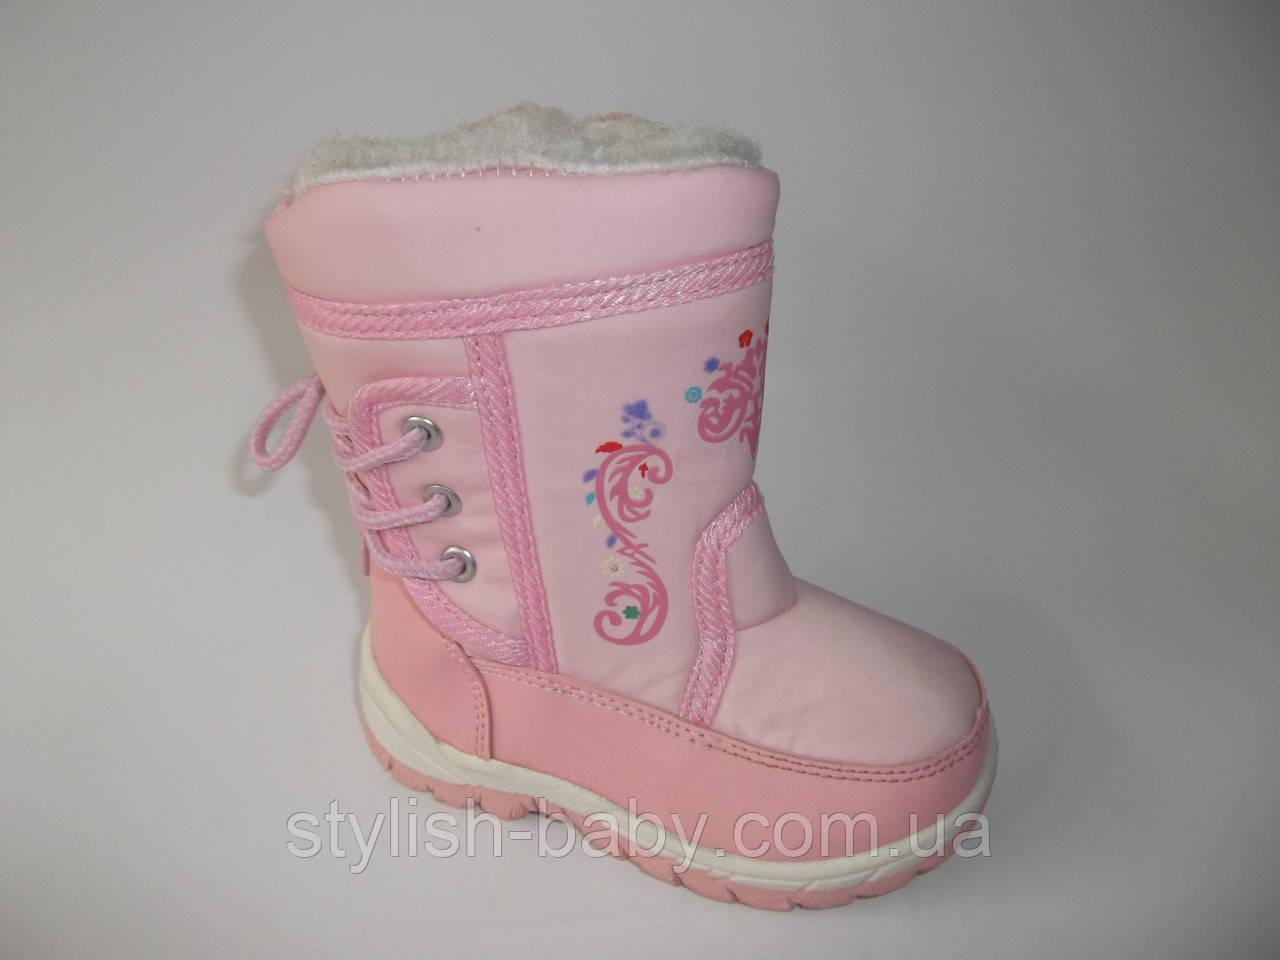 Детская зимняя обувь ТМ. Somos для девочек (разм. с 22 по 27)